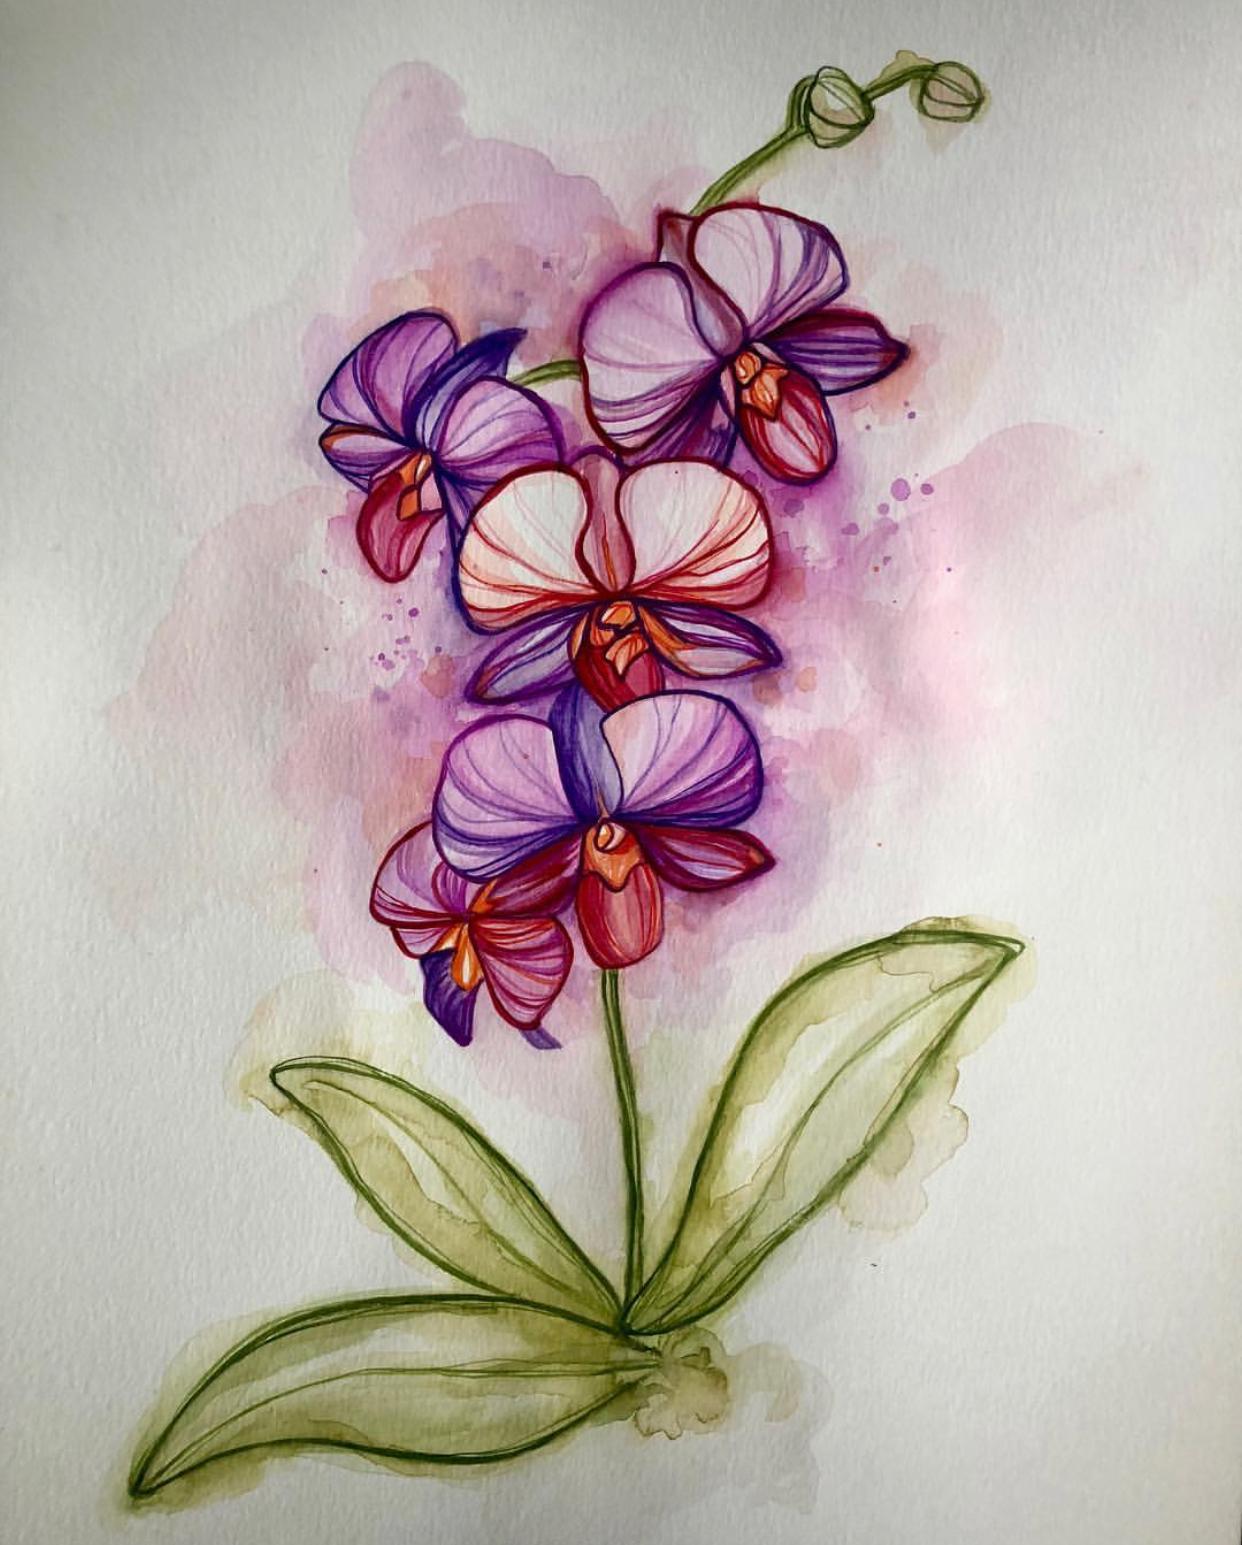 Created by SASLLC artist Dawn Pogany